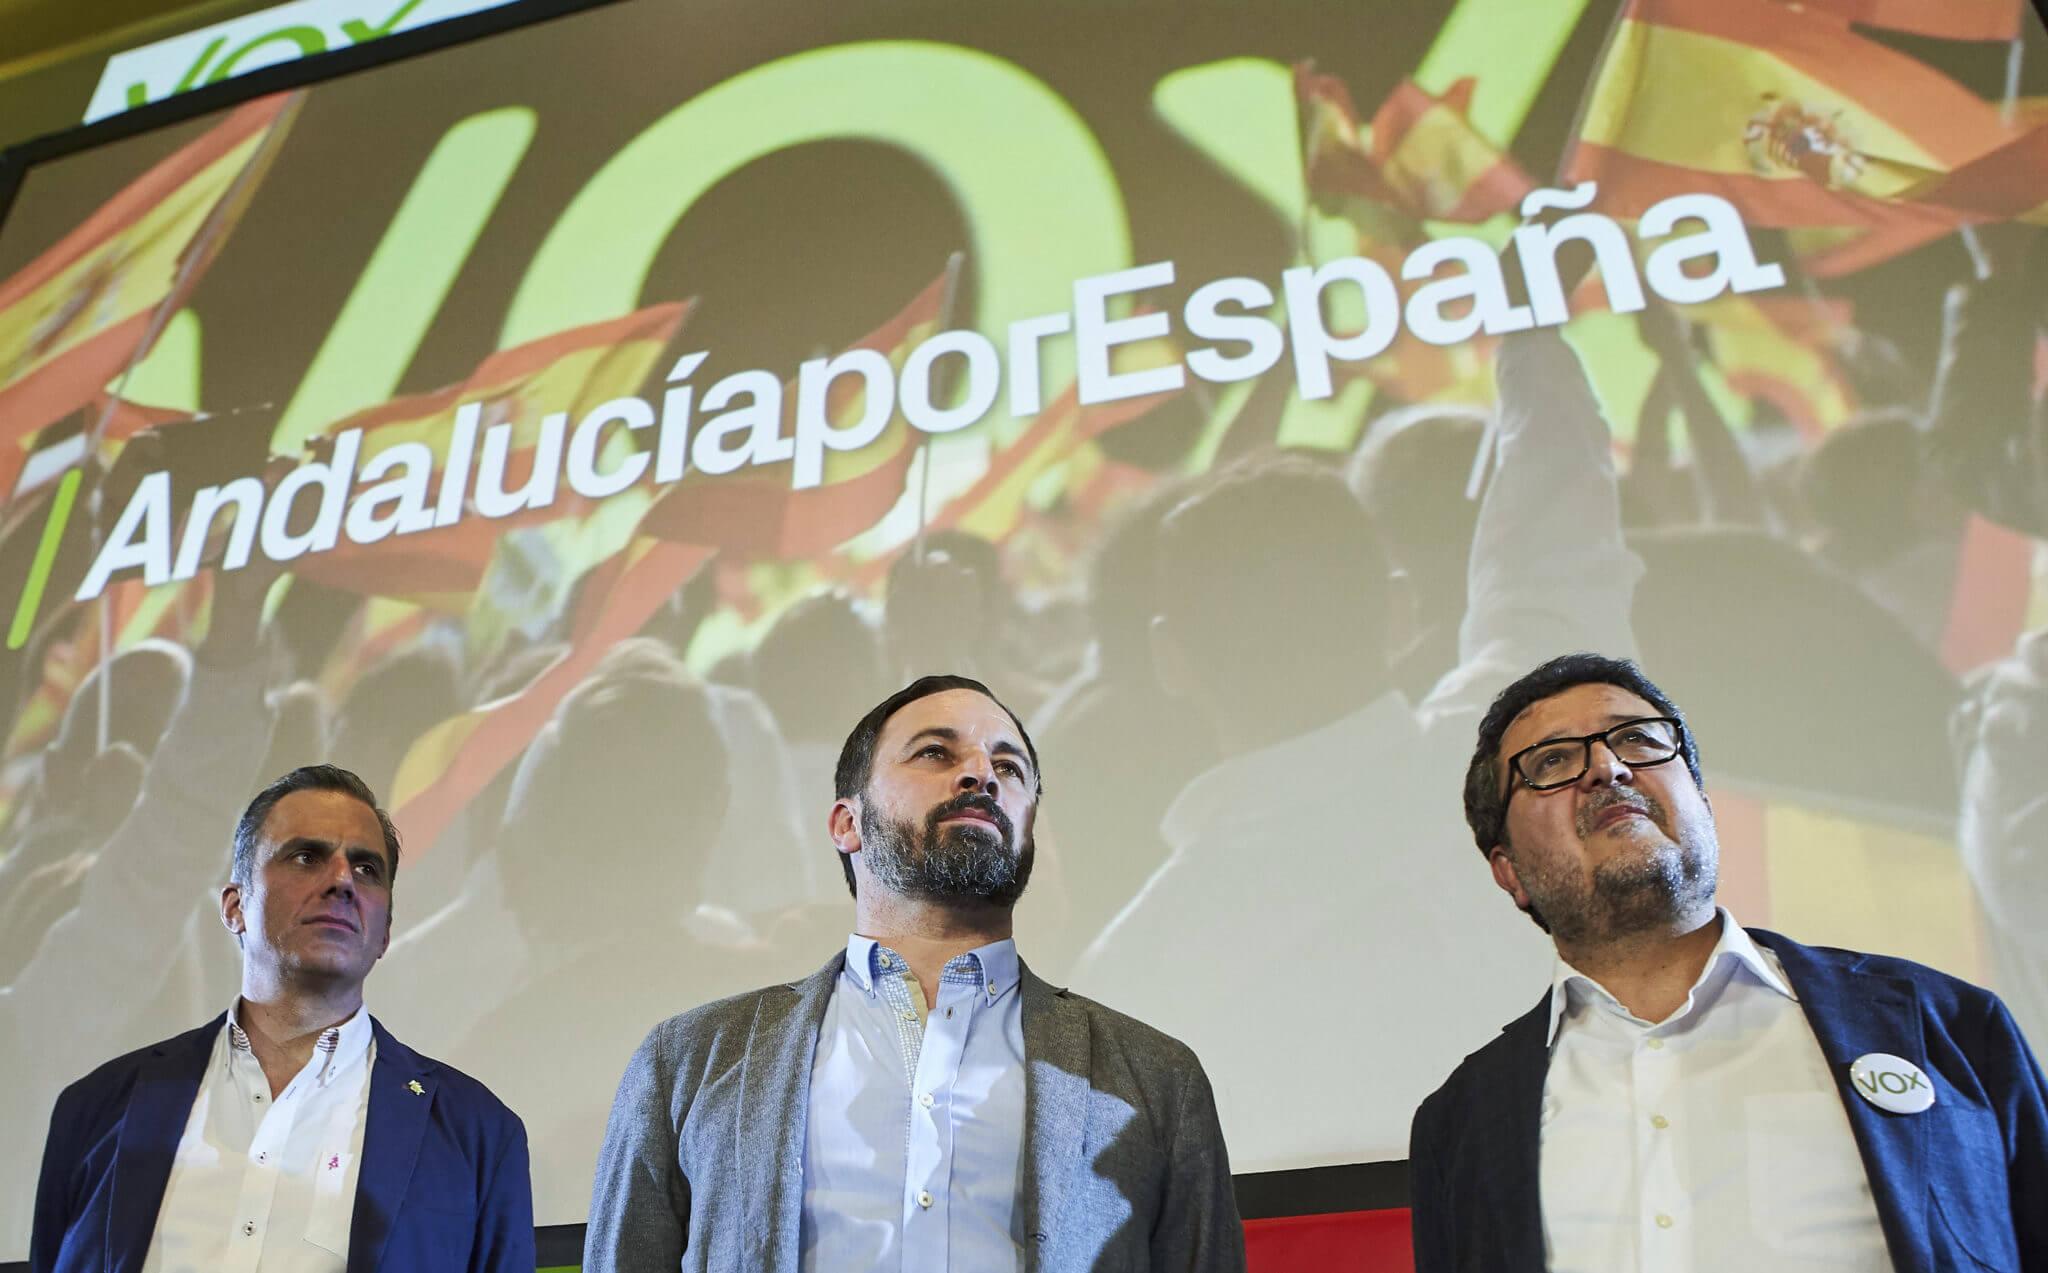 La extrema derecha se afianza en España con Vox, el partido que cuenta con el apoyo del KKK